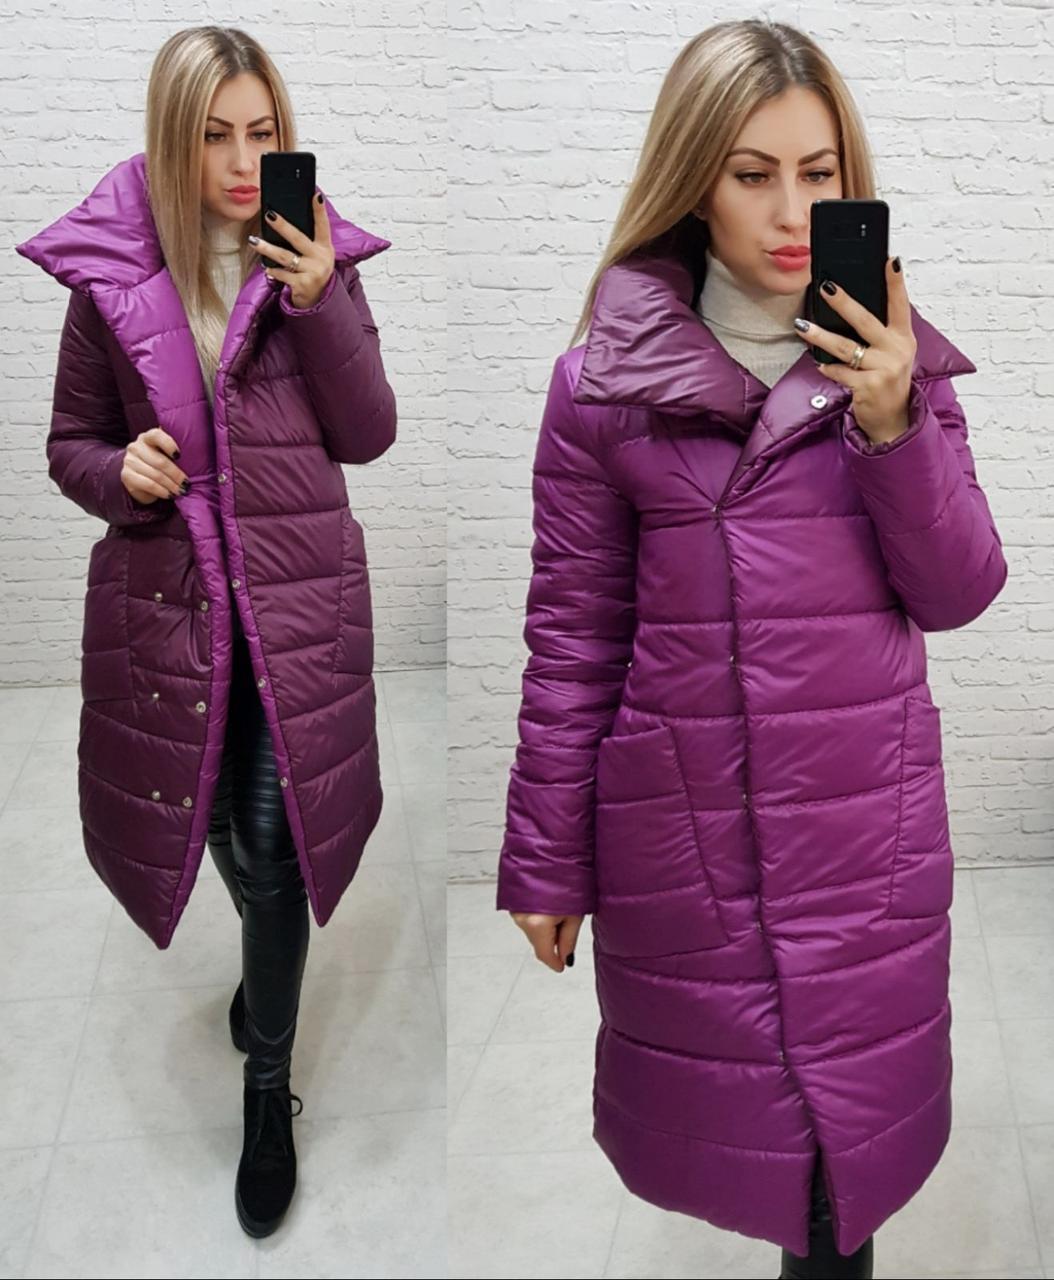 Курточка одеяло евро зима на две стороны арт. 1006 малина + марсала / малиновый с бордовым